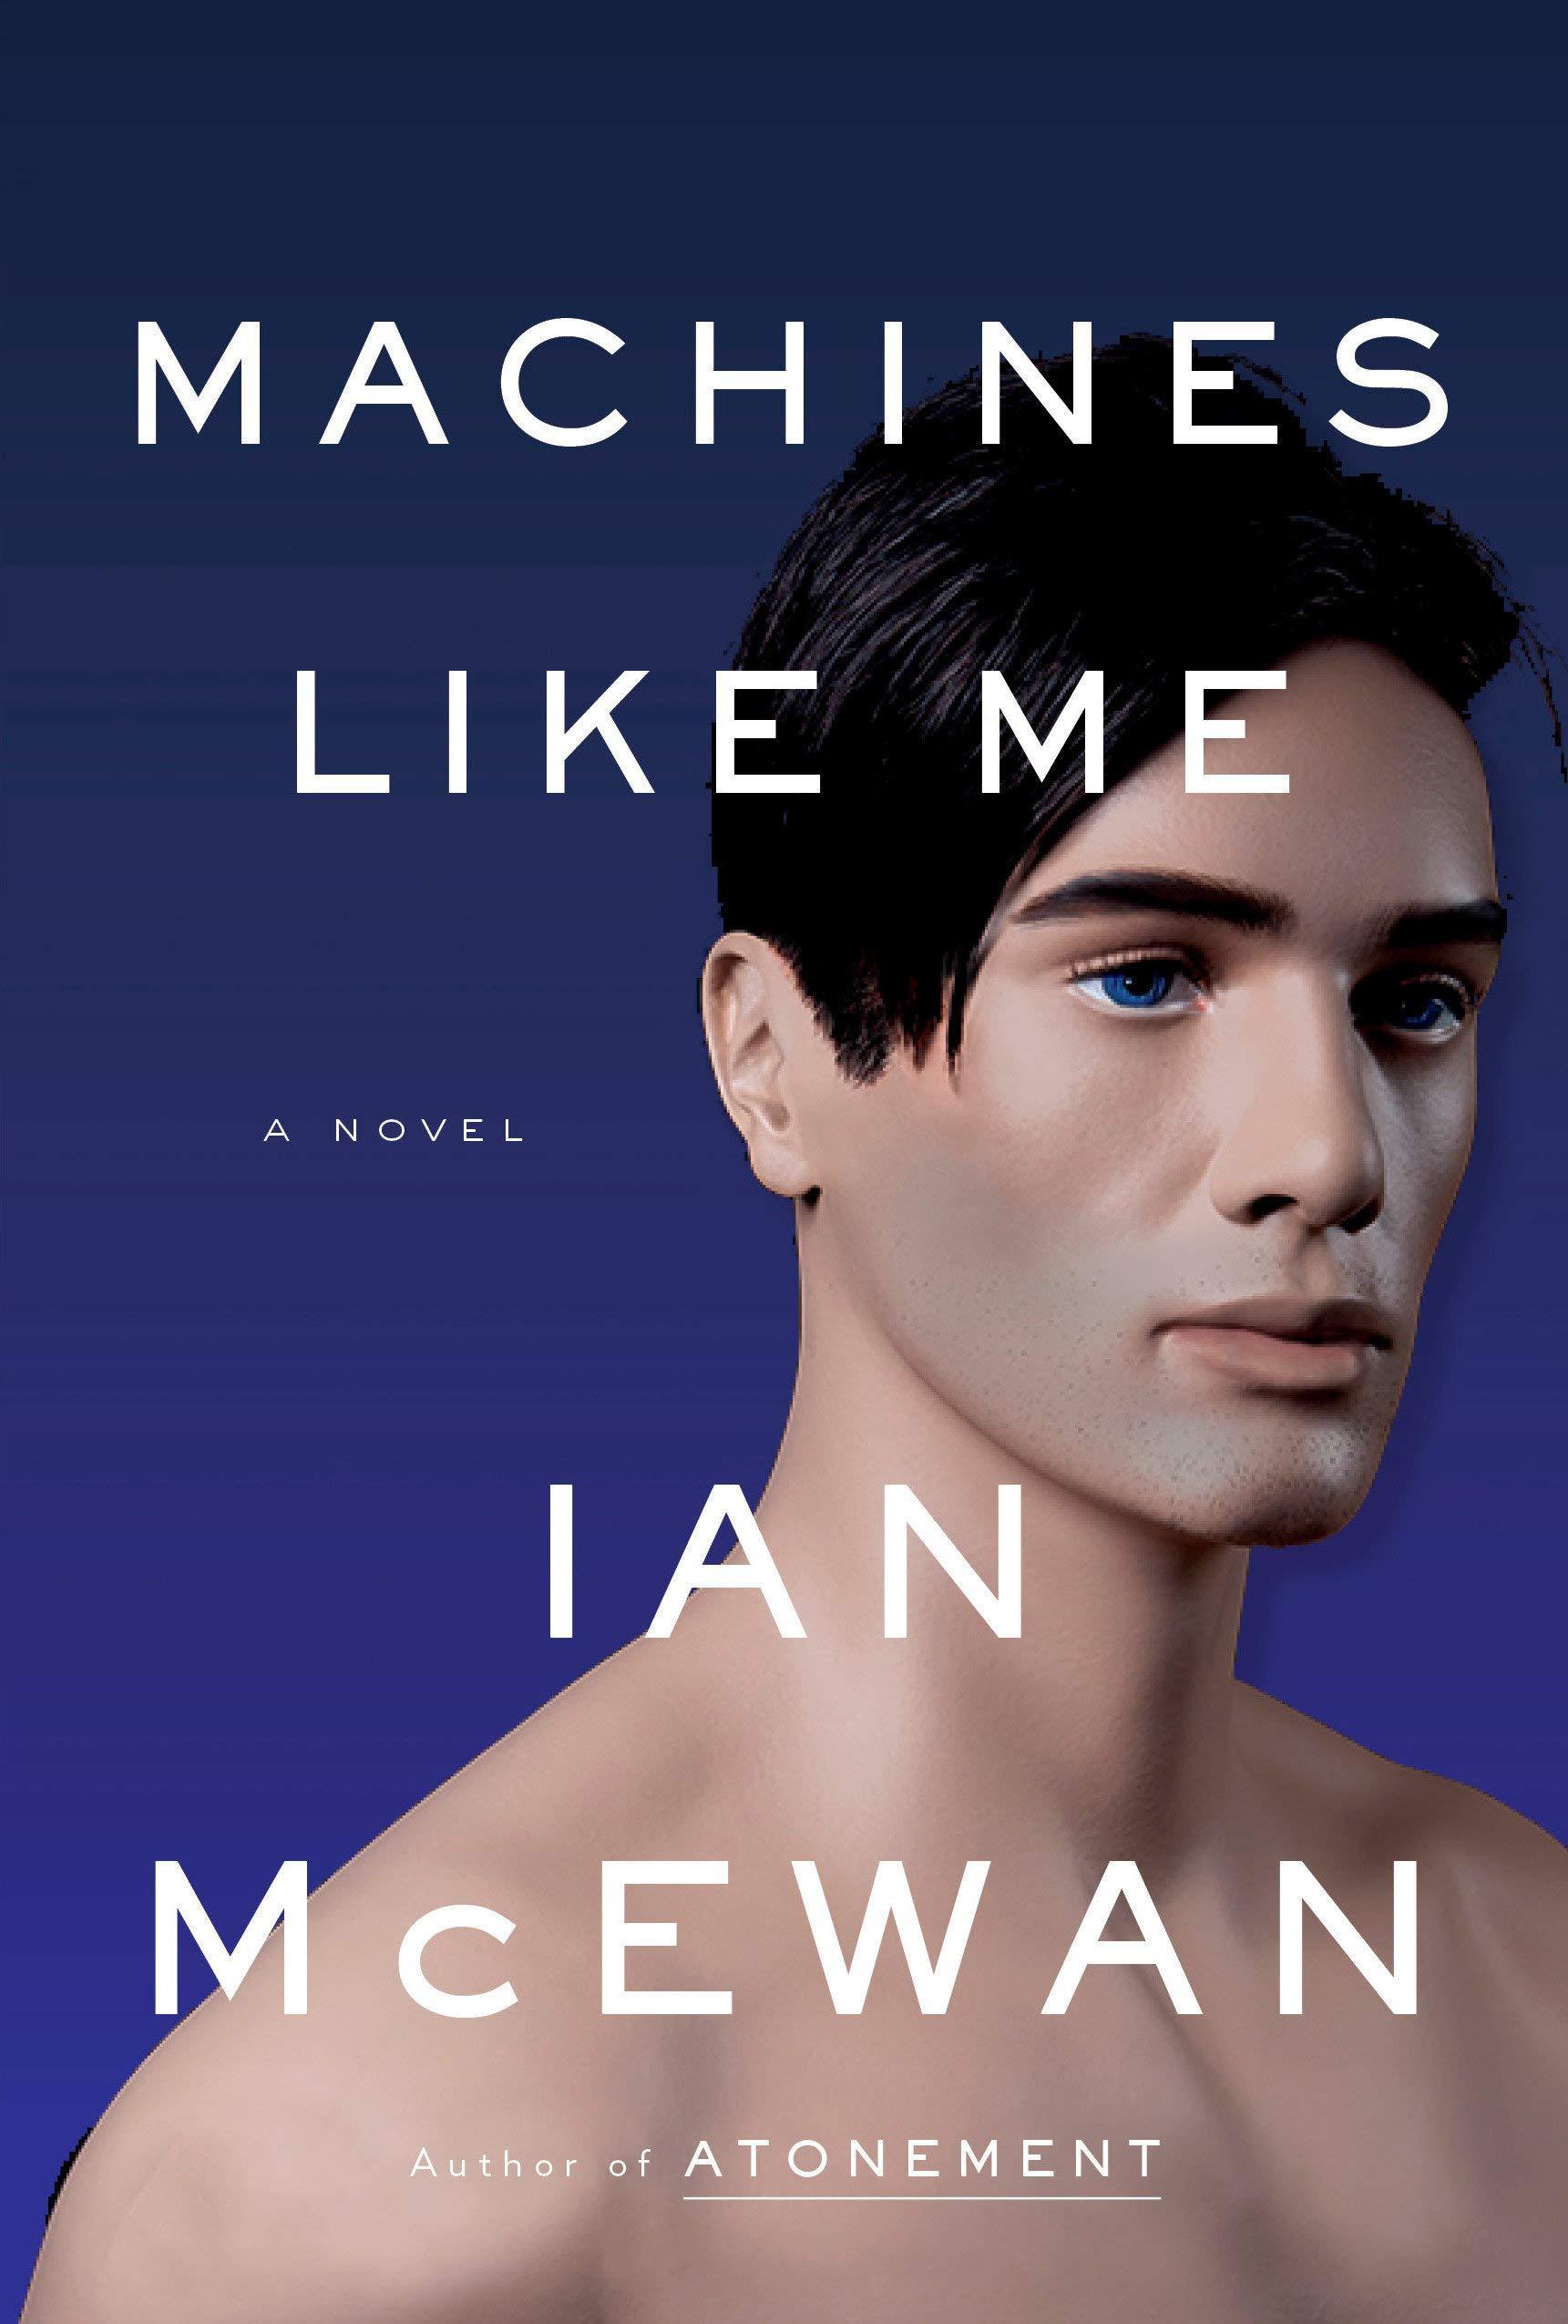 Machines Like Me: A Novel by Ian Mcewan